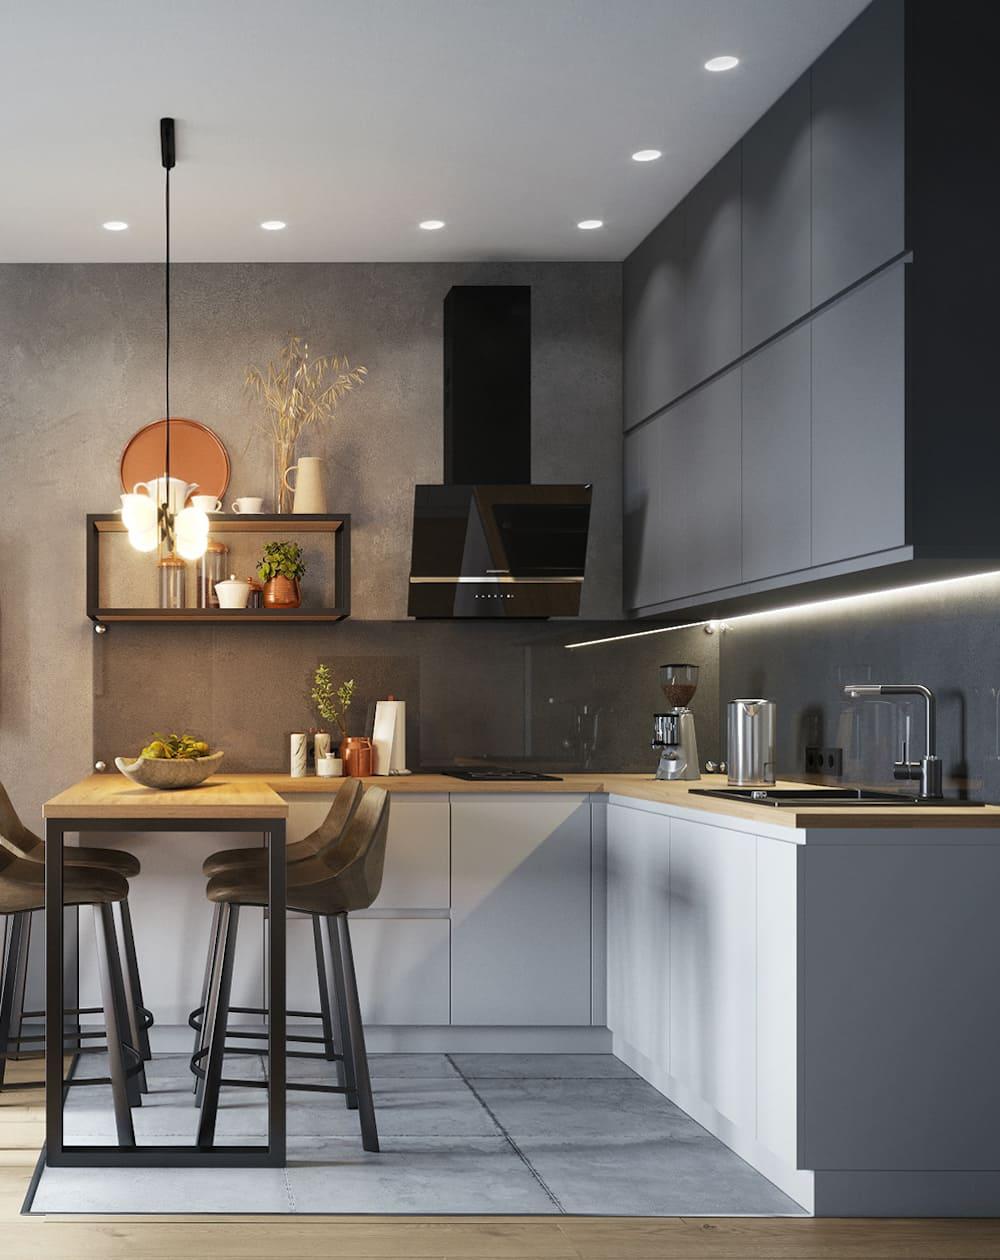 дизайн кухни в современном стиле фото 90